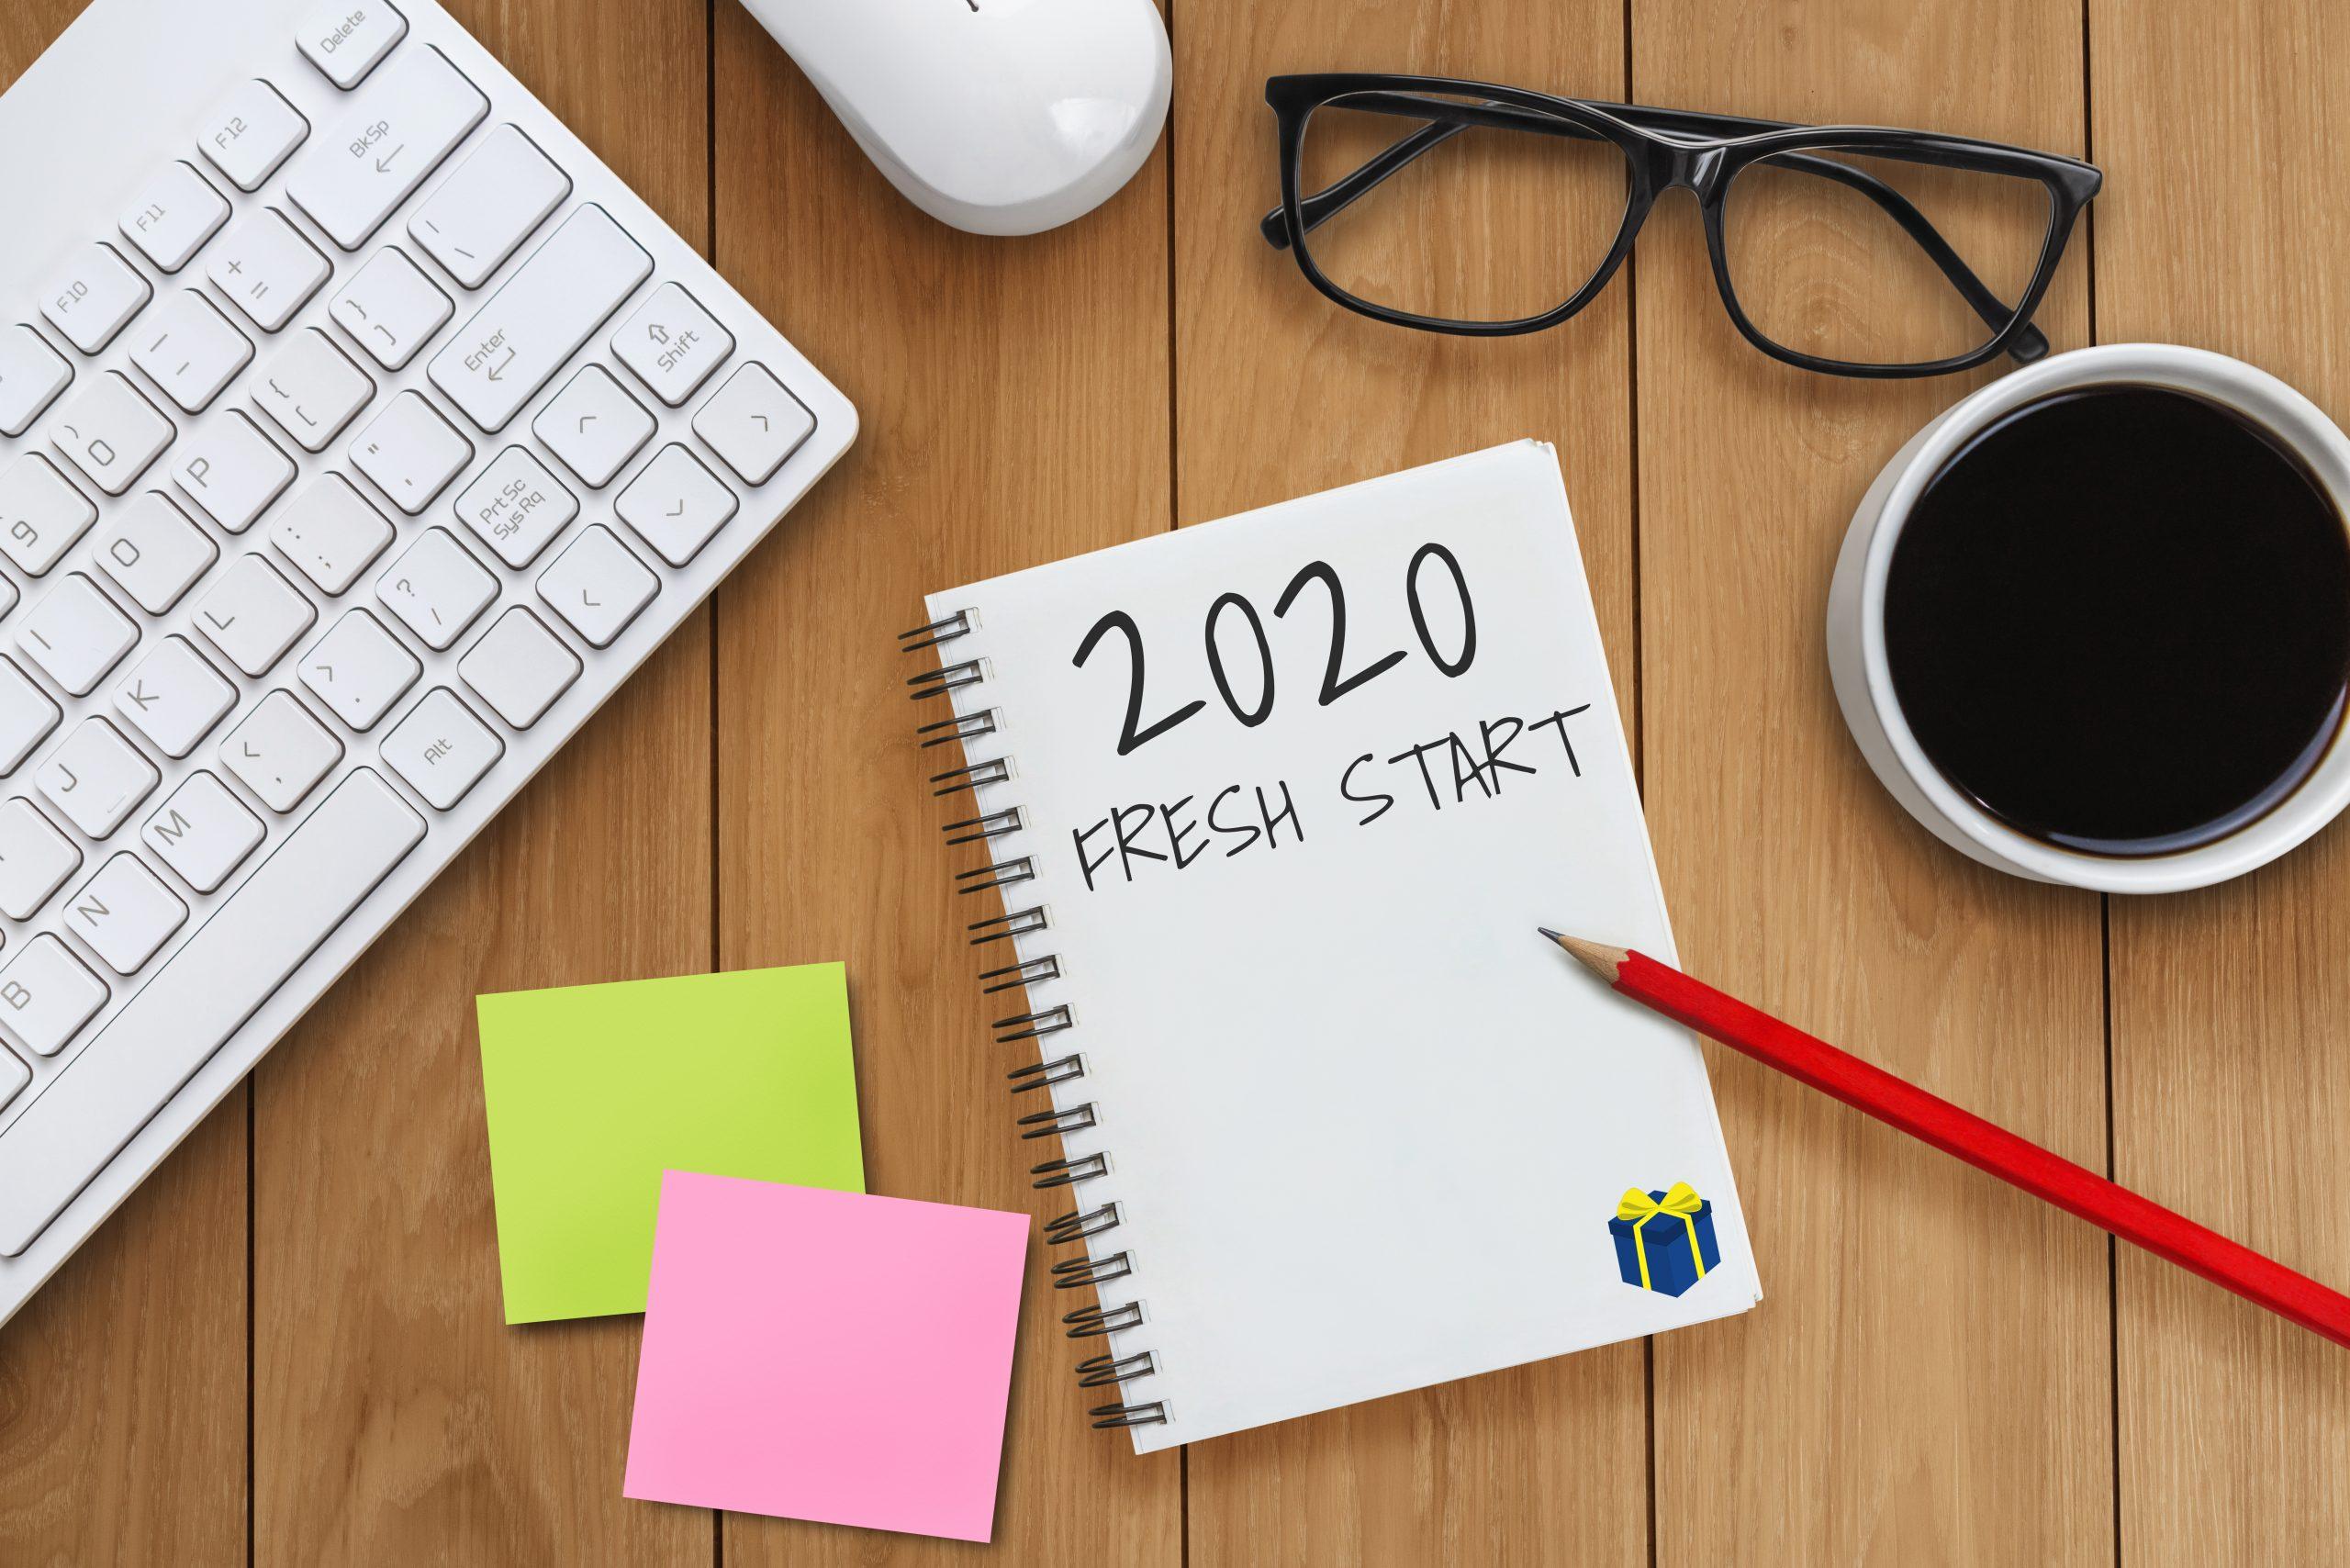 Obteniendo SMART en 2020. Establecimiento de objetivos para aquellos que desean resultados reales. Un cuaderno, un lápiz y una taza de café se sientan en un escritorio.